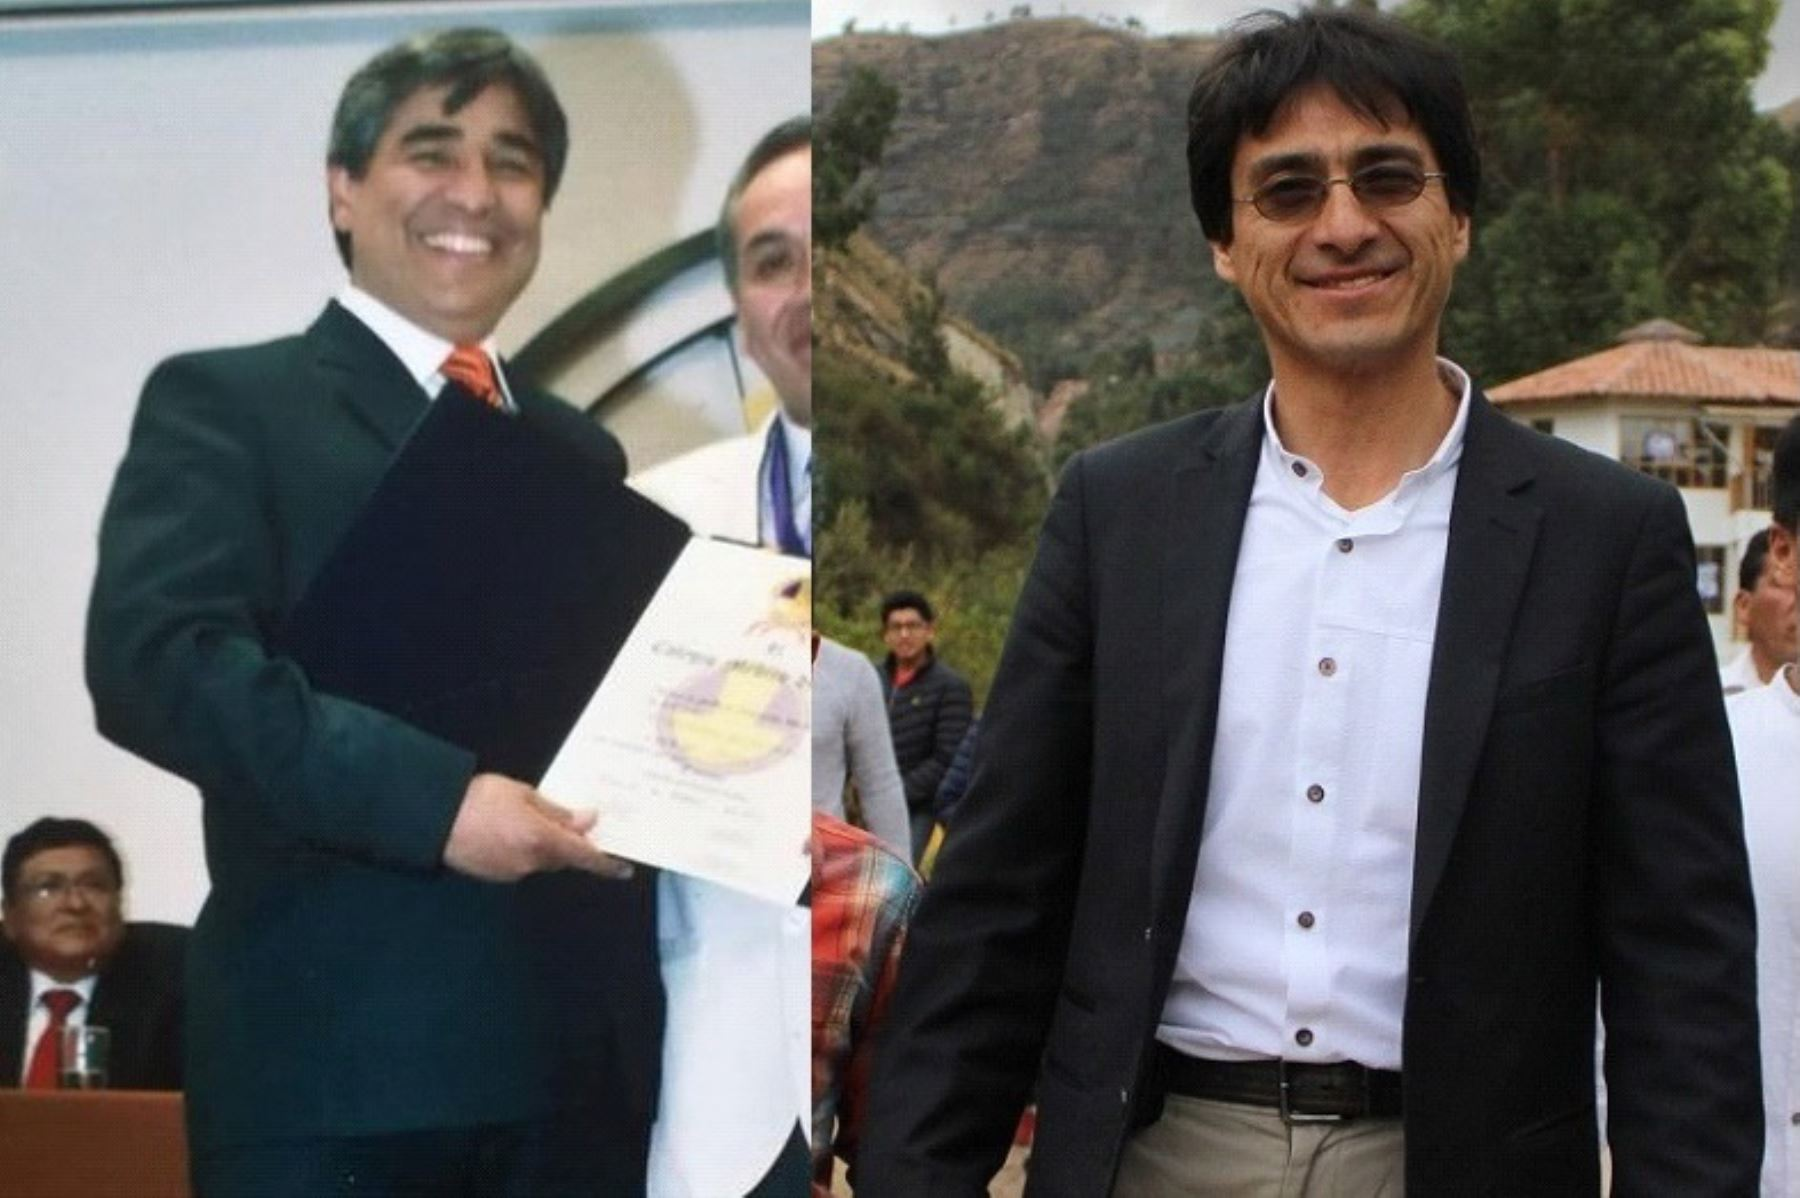 Luis Wilson Ugarte y Jean Paul Benavente  van a segunda vuelta en Cusco para eligir al gobernador regional 2019-2022.